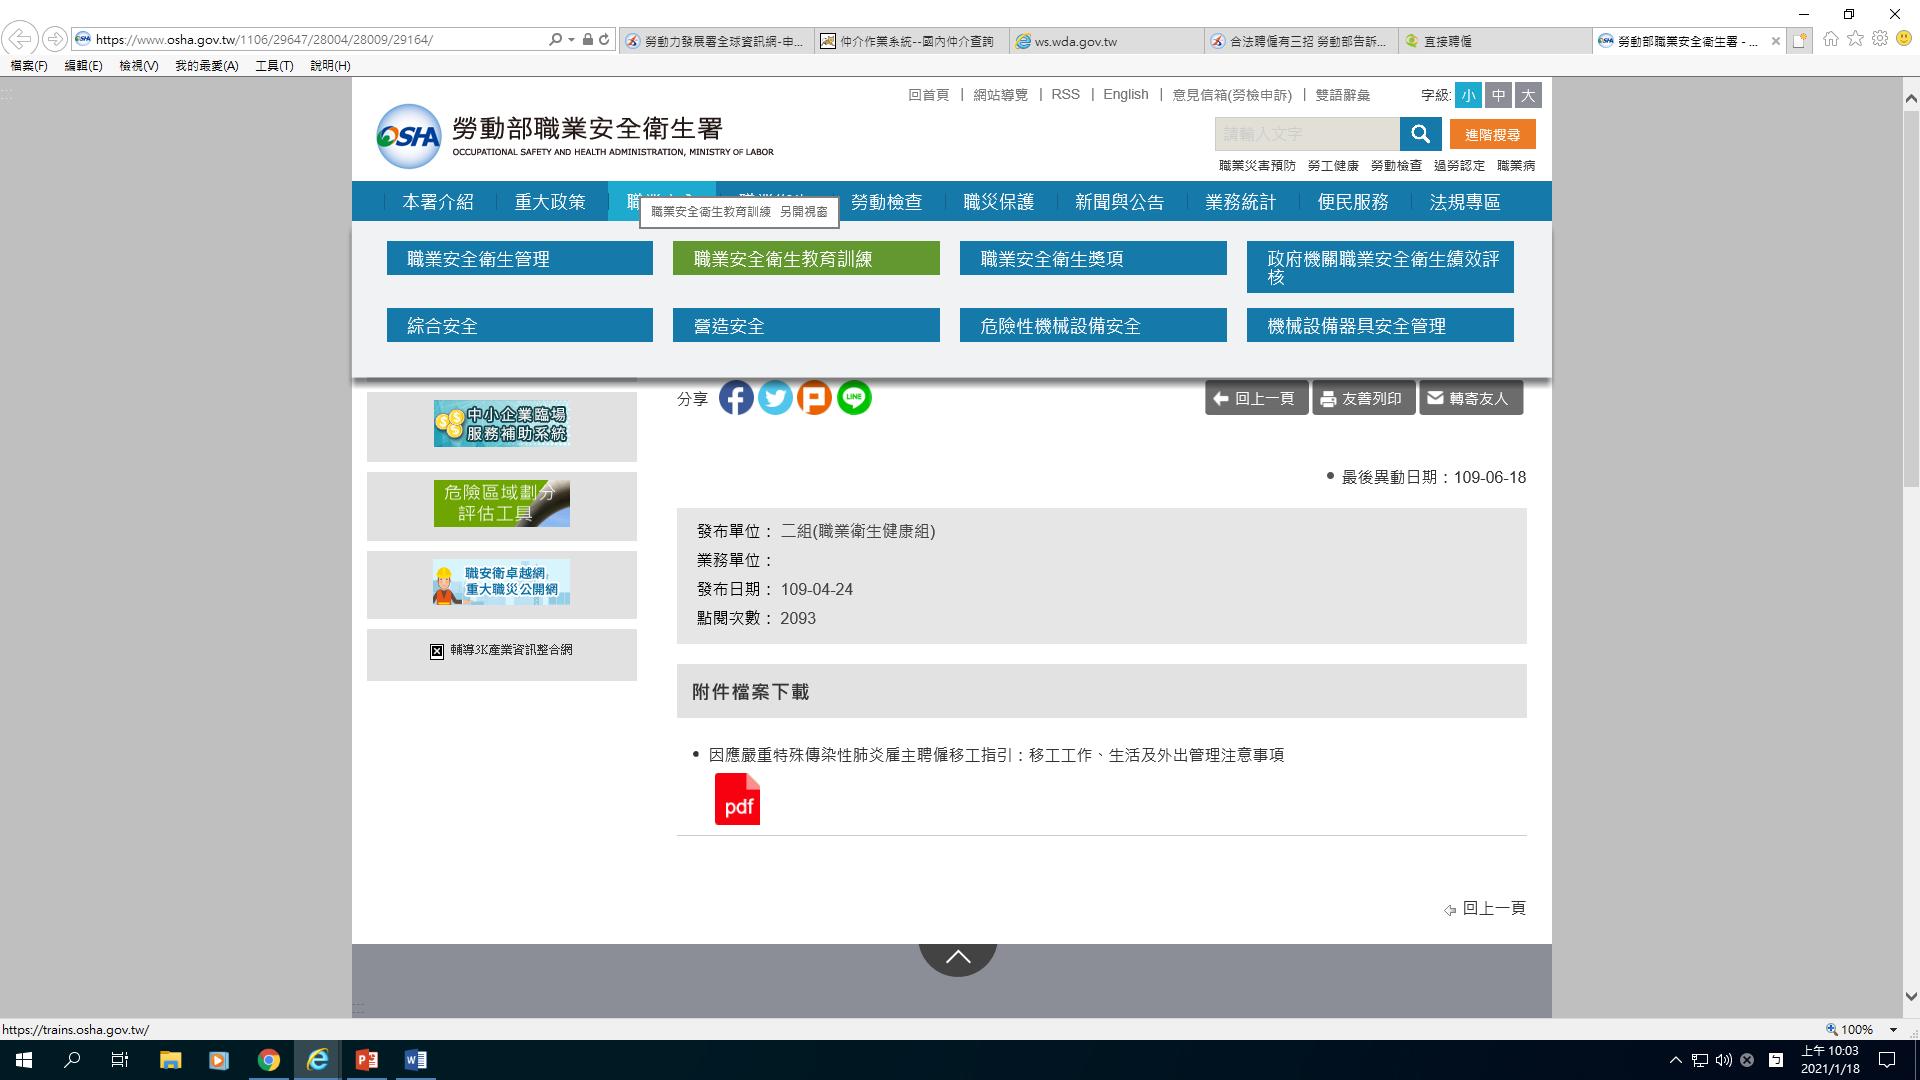 勞動部職業安全衛生署網頁畫面